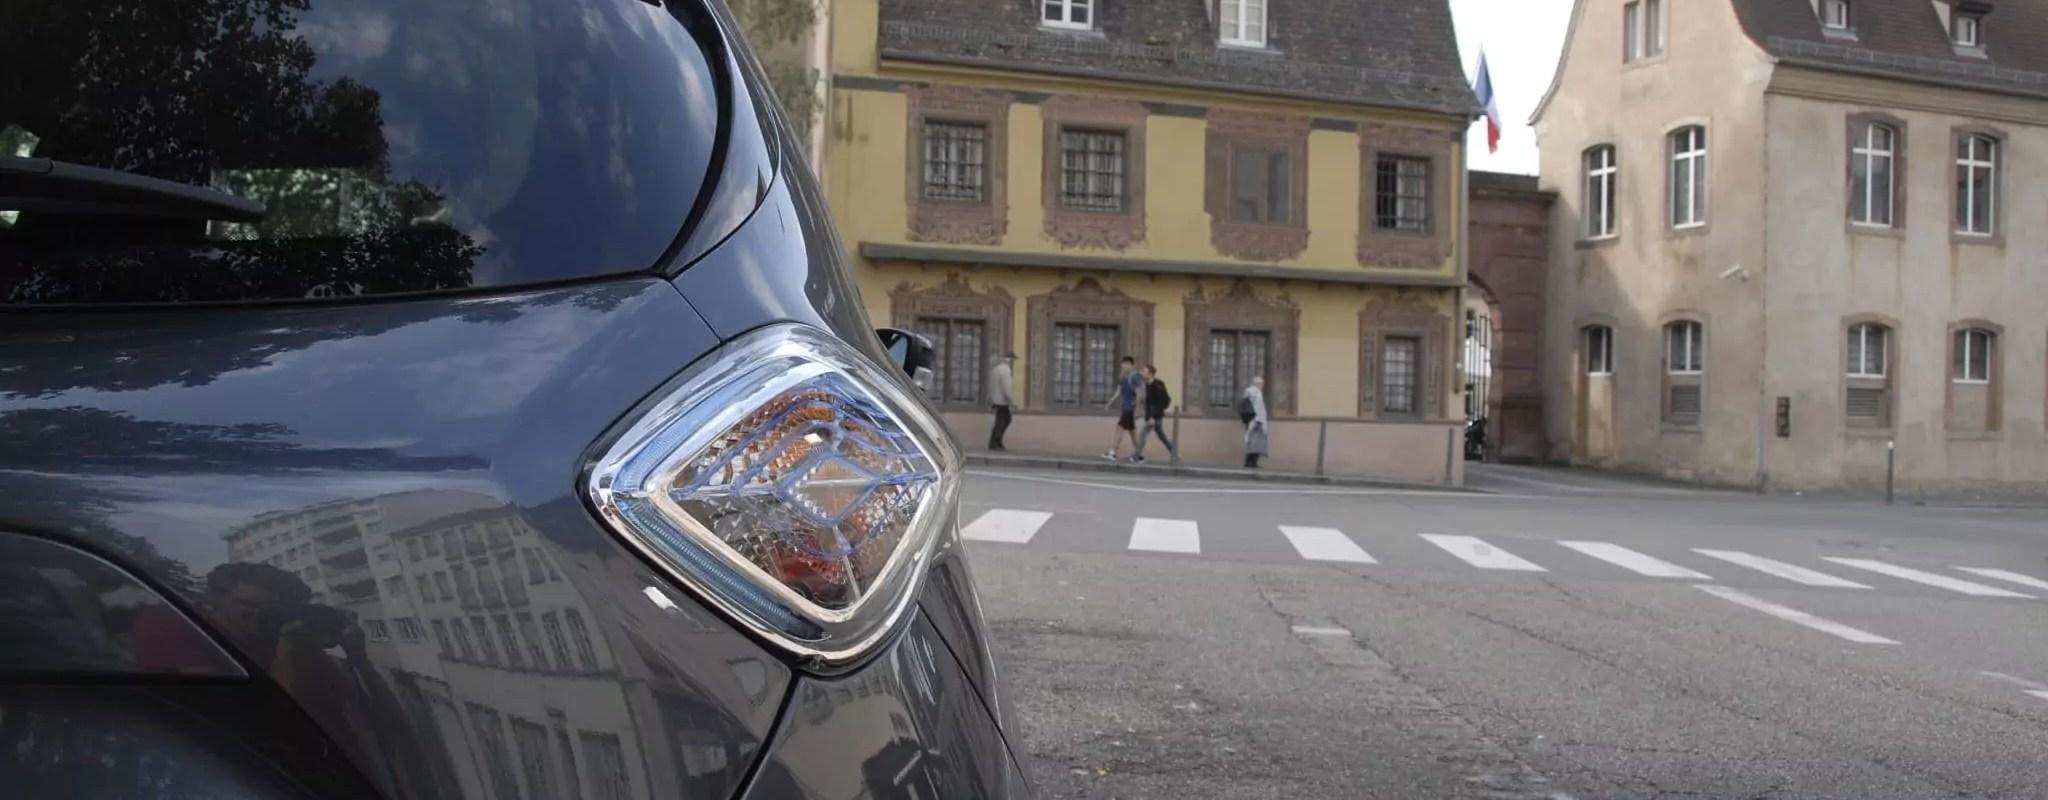 Voitures électriques: Strasbourg primée pour des bornes jamais installées